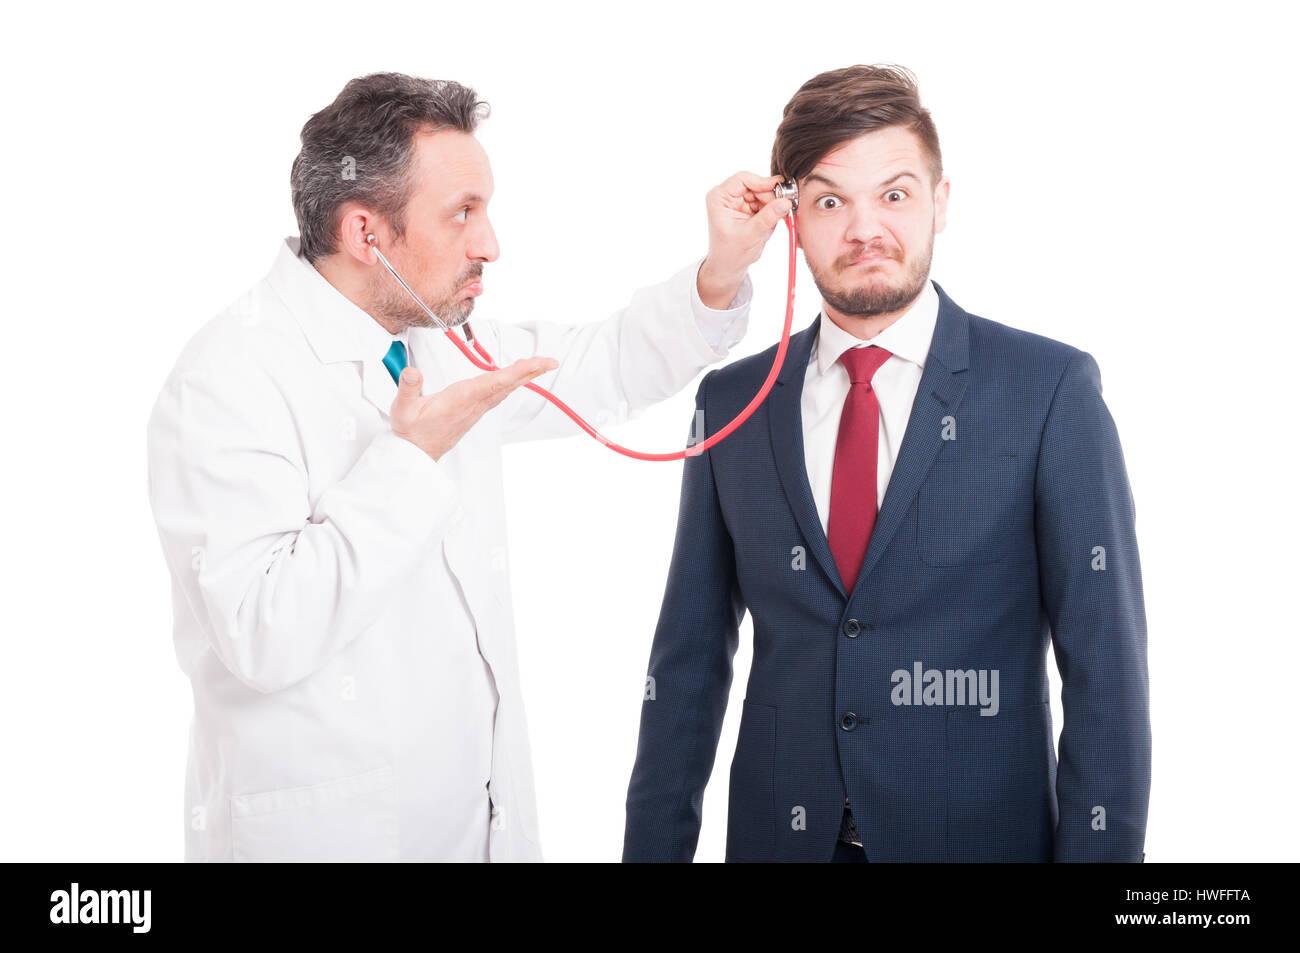 Professionelle Medic Cheking Leiter des wahnsinnigen Anwalt für Gehirn Probleme isoliert auf weißem Hintergrund Stockbild